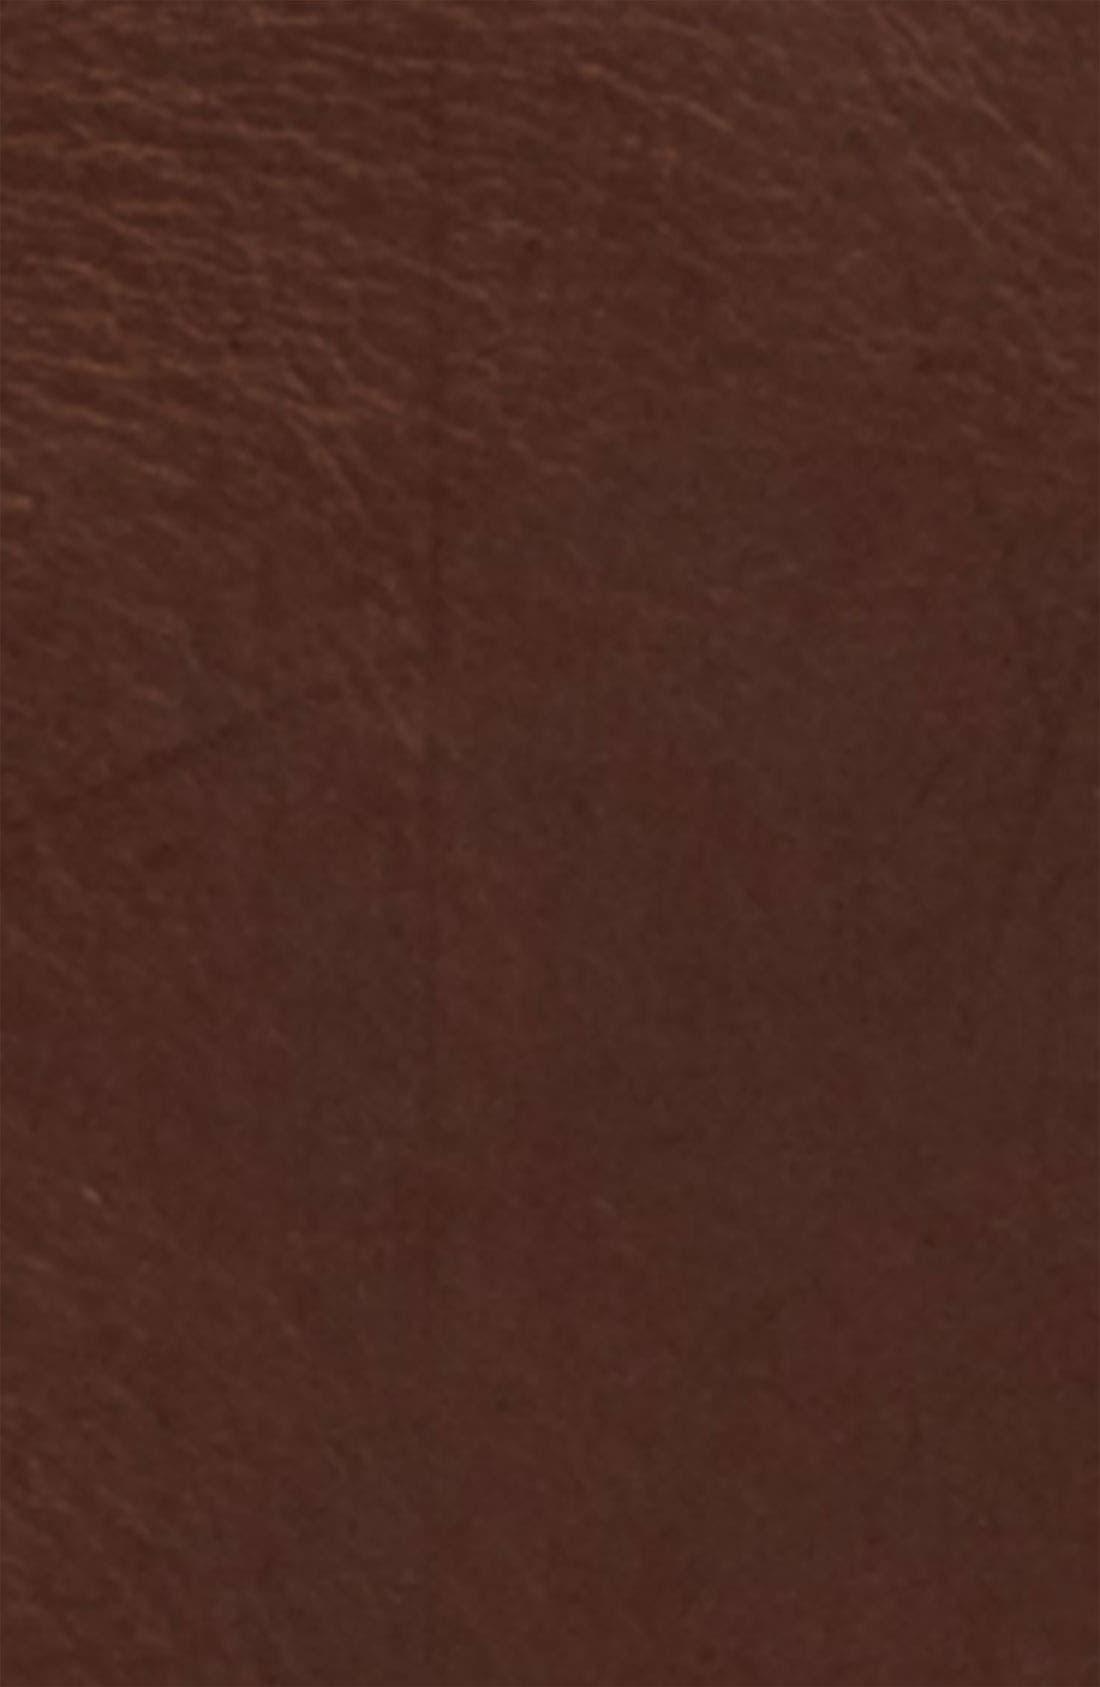 'Parker' Twist Reversible Leather Belt,                             Alternate thumbnail 3, color,                             200